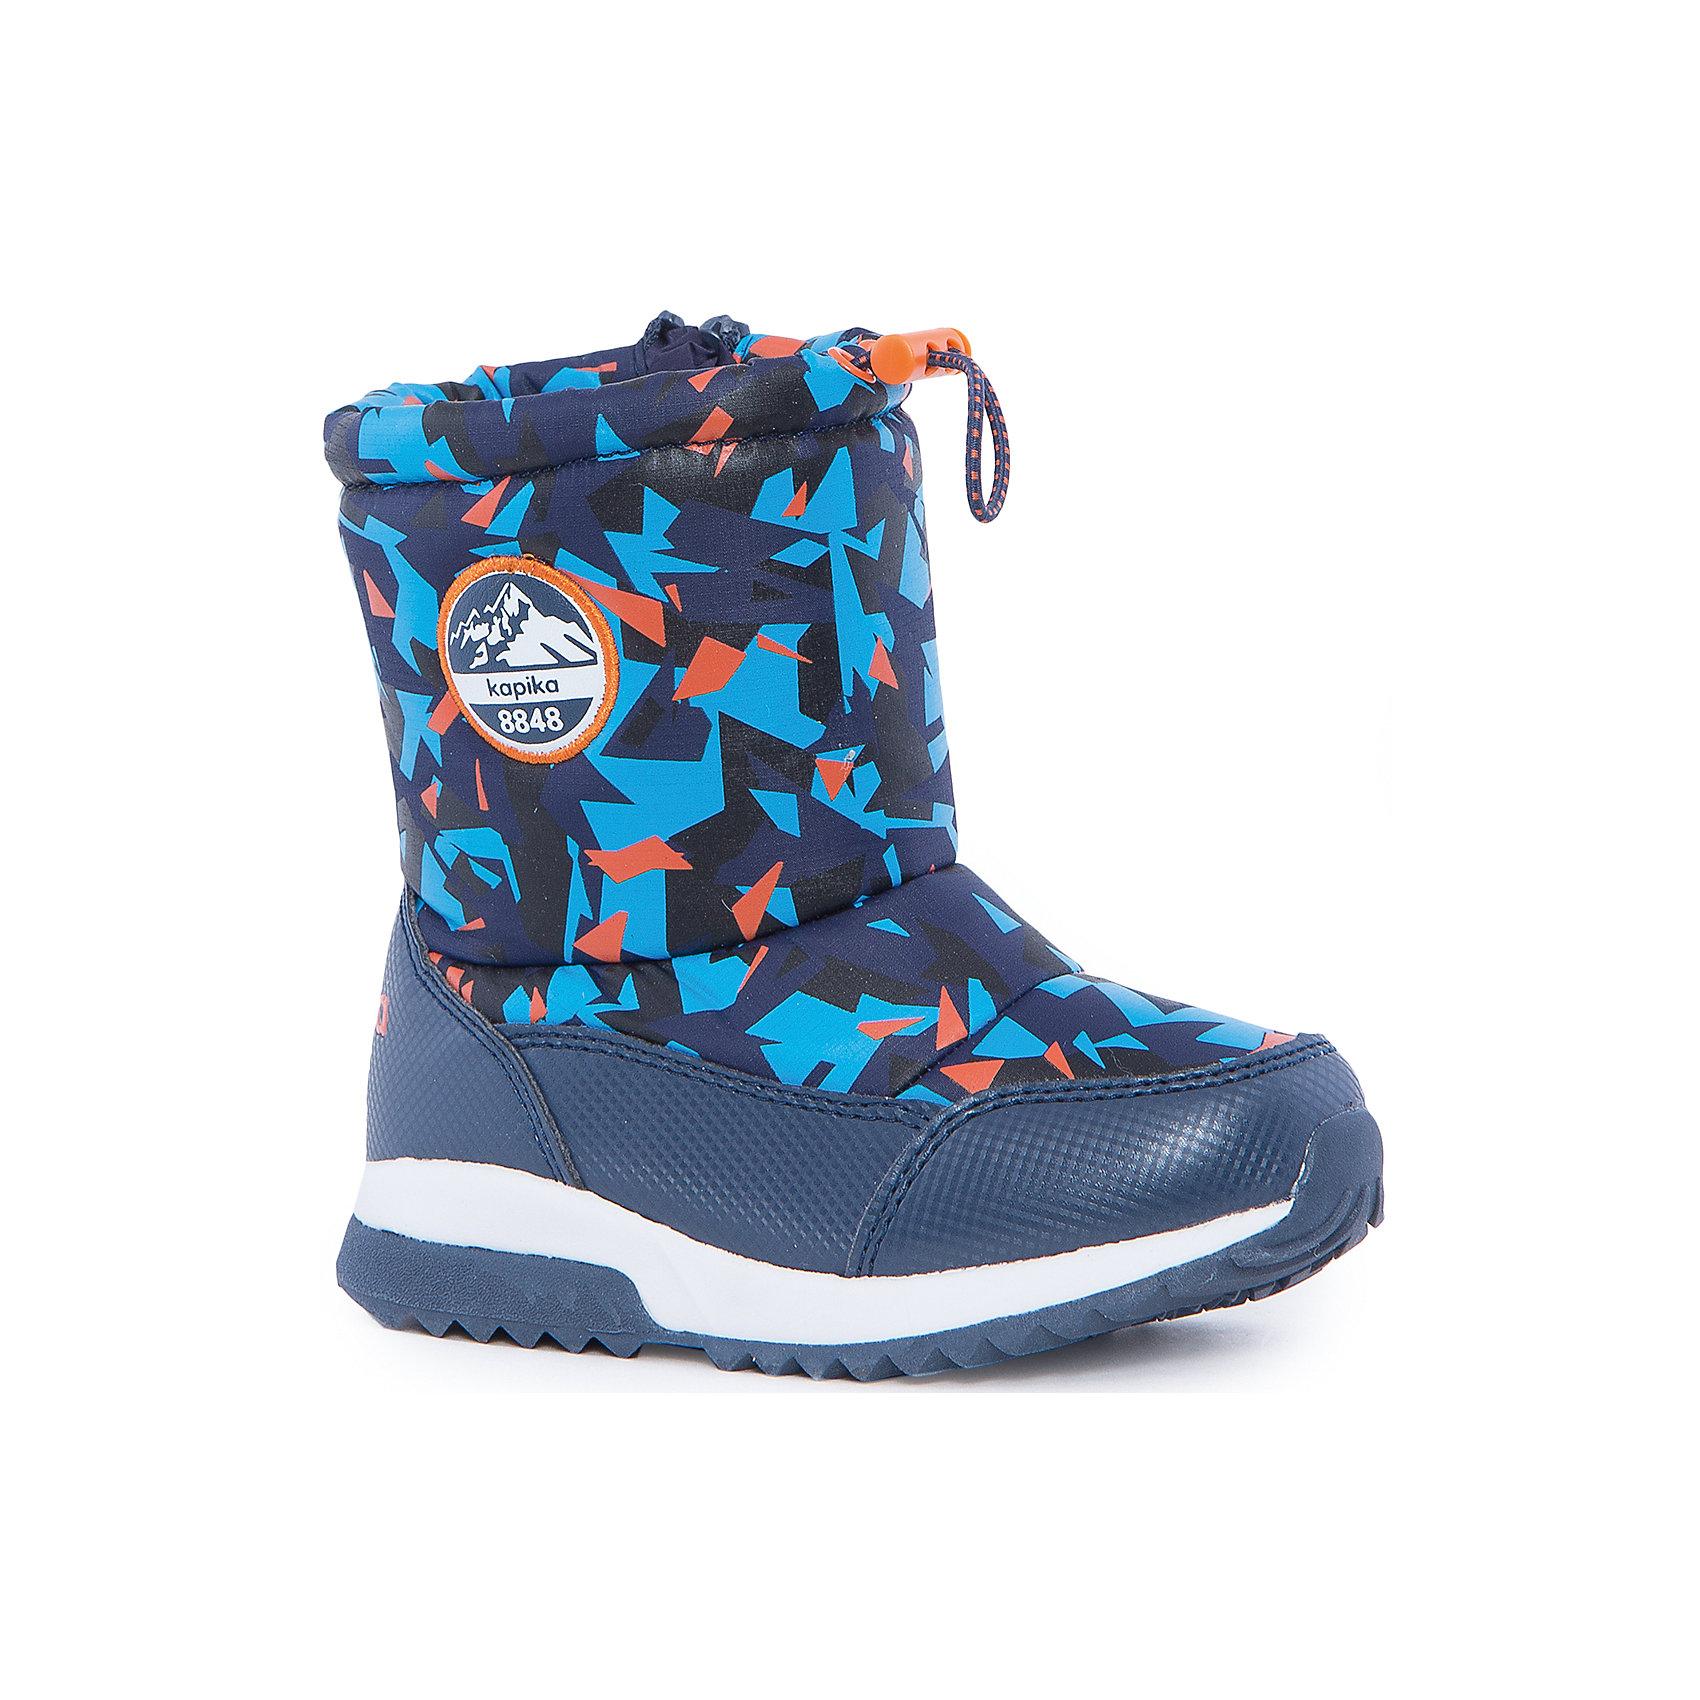 Сапоги для мальчика KAPIKAСноубутсы<br>Полусапоги для мальчика KAPIKA.<br><br>Температурный режим: до -20 градусов. Степень утепления – средняя. <br><br>* Температурный режим указан приблизительно — необходимо, прежде всего, ориентироваться на ощущения ребенка. <br><br>Сапоги-дутики защитят ноги малыша от снега и дождя. Благодаря теплому меху внутри их можно носить даже в очень холодную погоду. Подошва сделана с противоскользящим эффектом. Сверху есть резинка-утяжка, которая не даст влаге проникнуть через верх. <br><br>Дополнительная информация:<br><br>- материал верха: искусственная кожа, текстиль<br>- материал подкладки: 80% шерсть, 20% искусственный мех<br>- цвет: синий<br><br>Полусапоги для мальчика KAPIKA можно купить в нашем интернет магазине.<br><br>Ширина мм: 257<br>Глубина мм: 180<br>Высота мм: 130<br>Вес г: 420<br>Цвет: синий<br>Возраст от месяцев: 24<br>Возраст до месяцев: 24<br>Пол: Мужской<br>Возраст: Детский<br>Размер: 25,30,26,27,28,29<br>SKU: 4988158